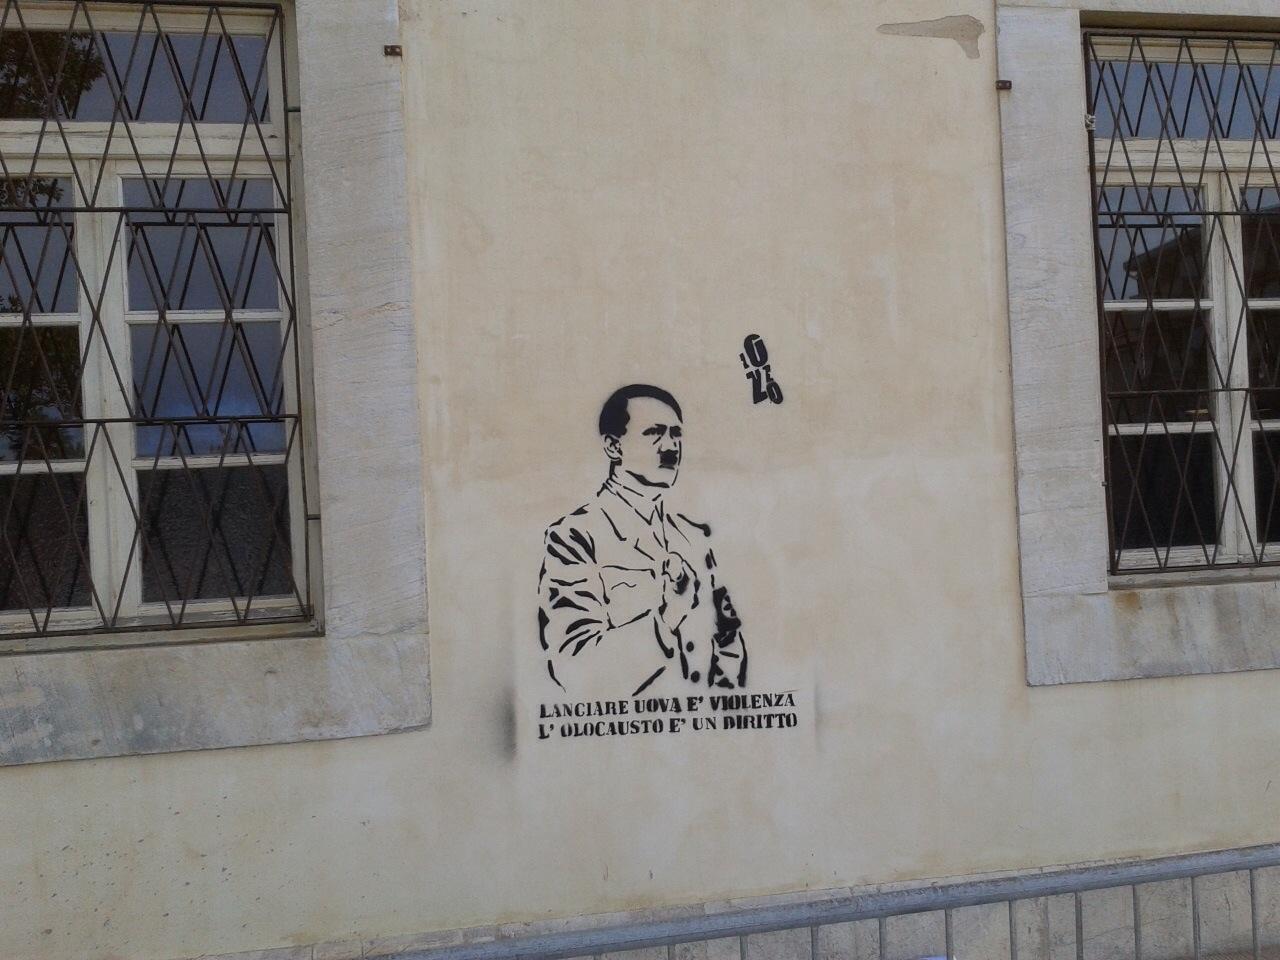 Hitler e le uova, la provocazione sul muro di Palazzo delle Muse